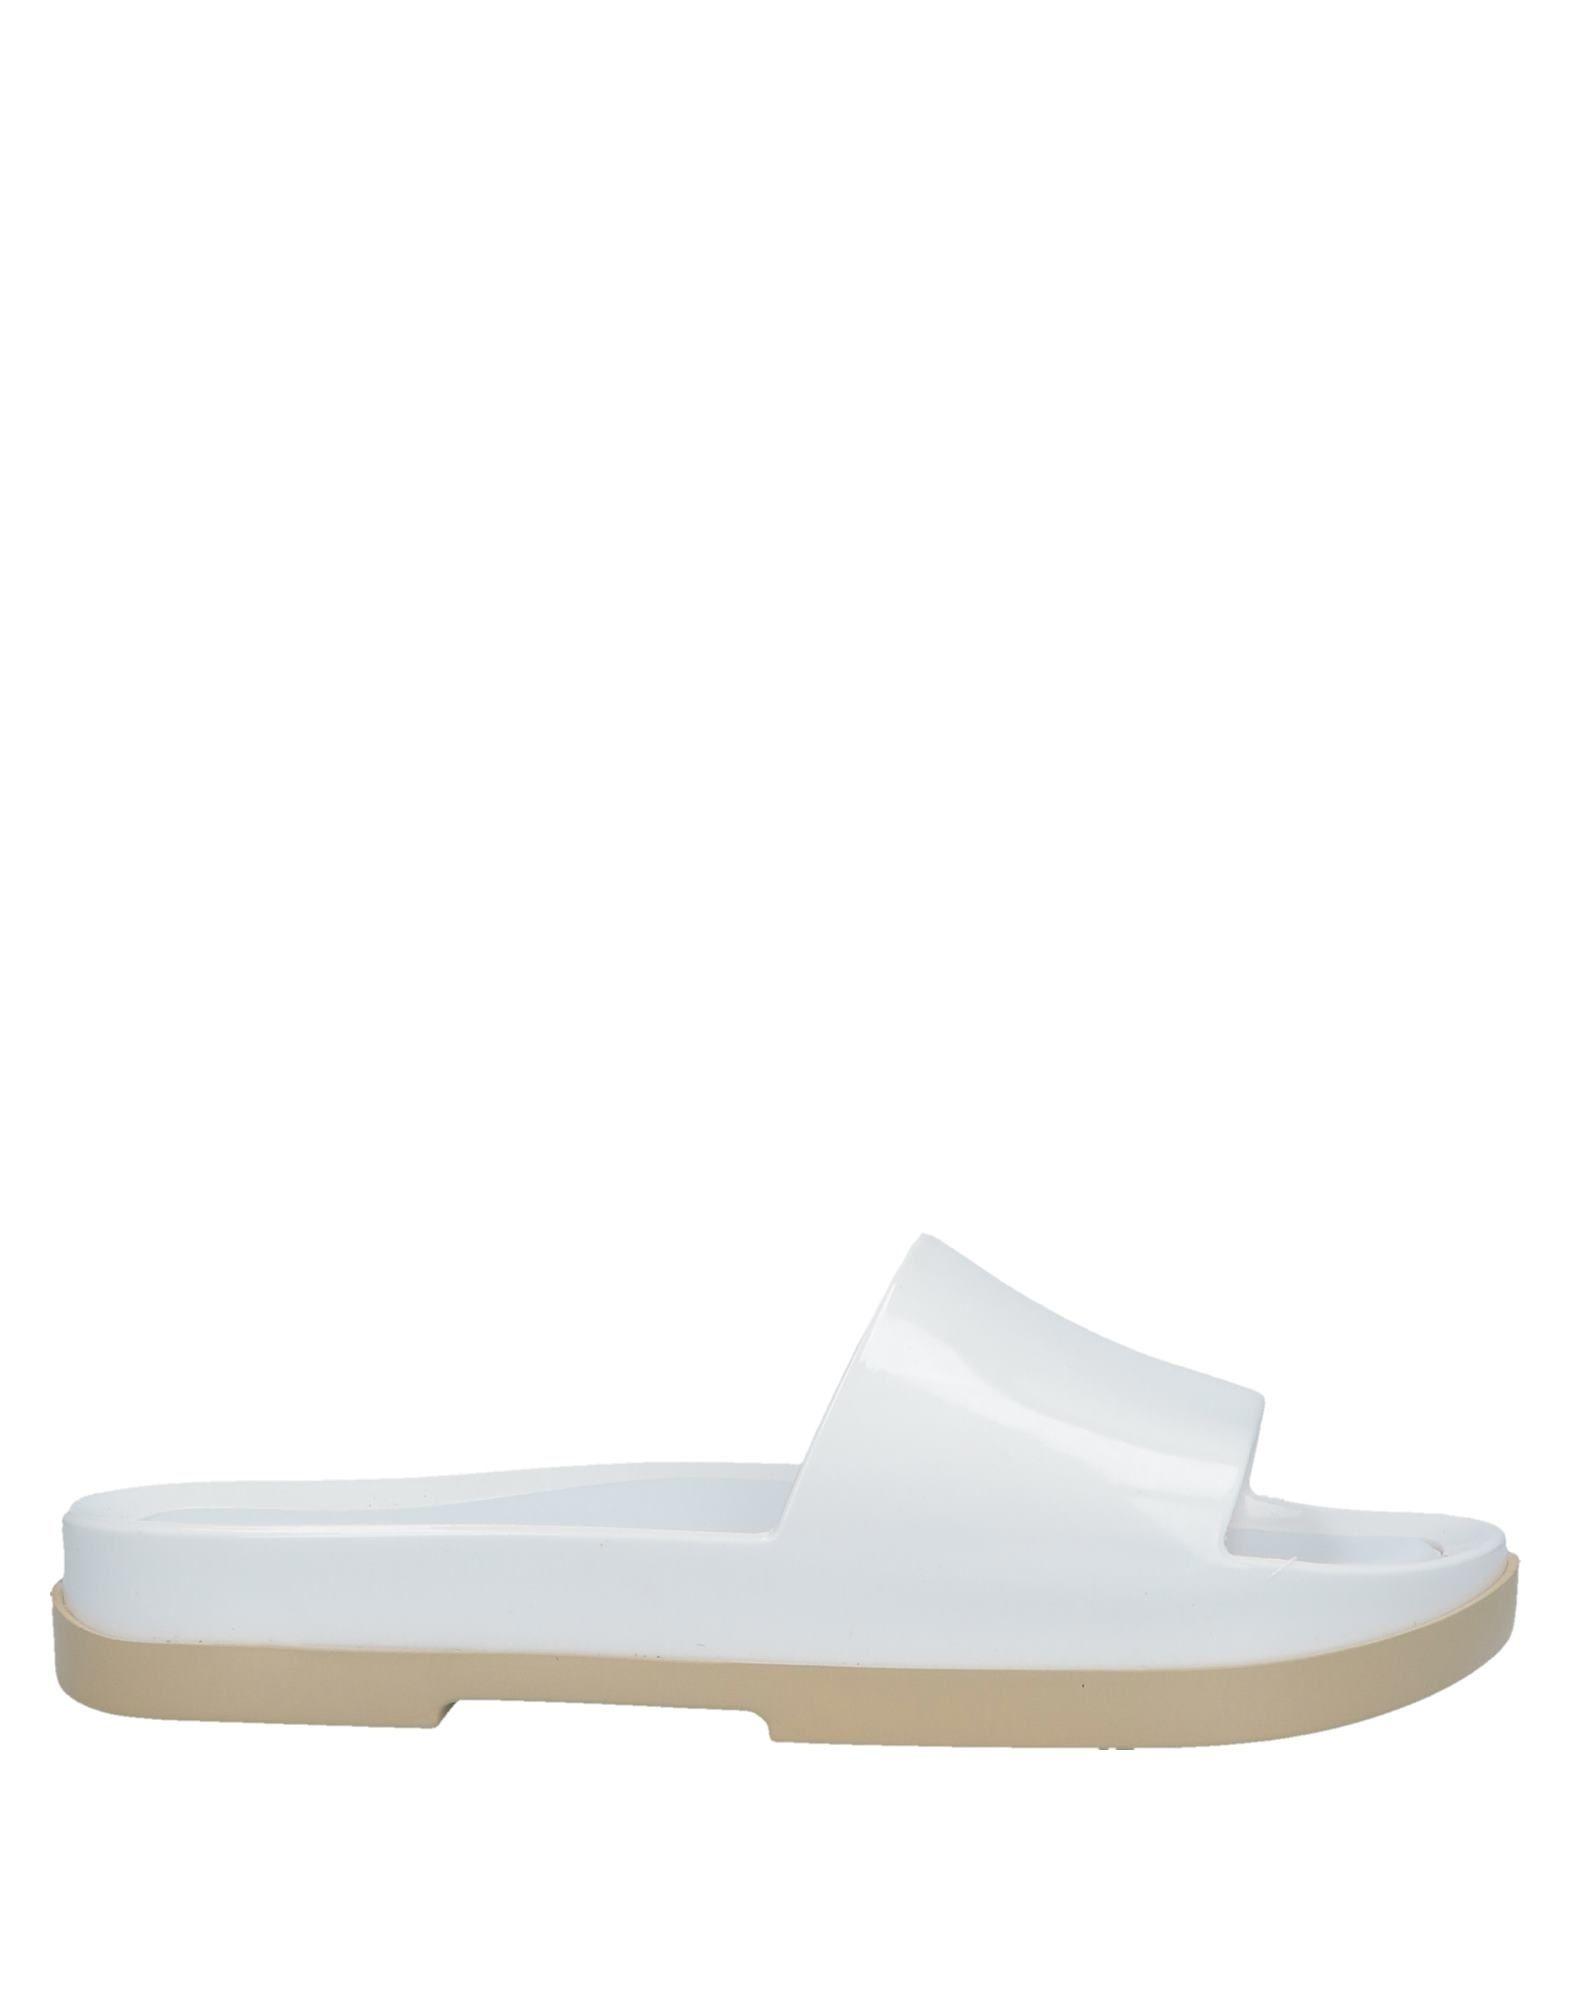 купить сандалии детские в интернет магазине